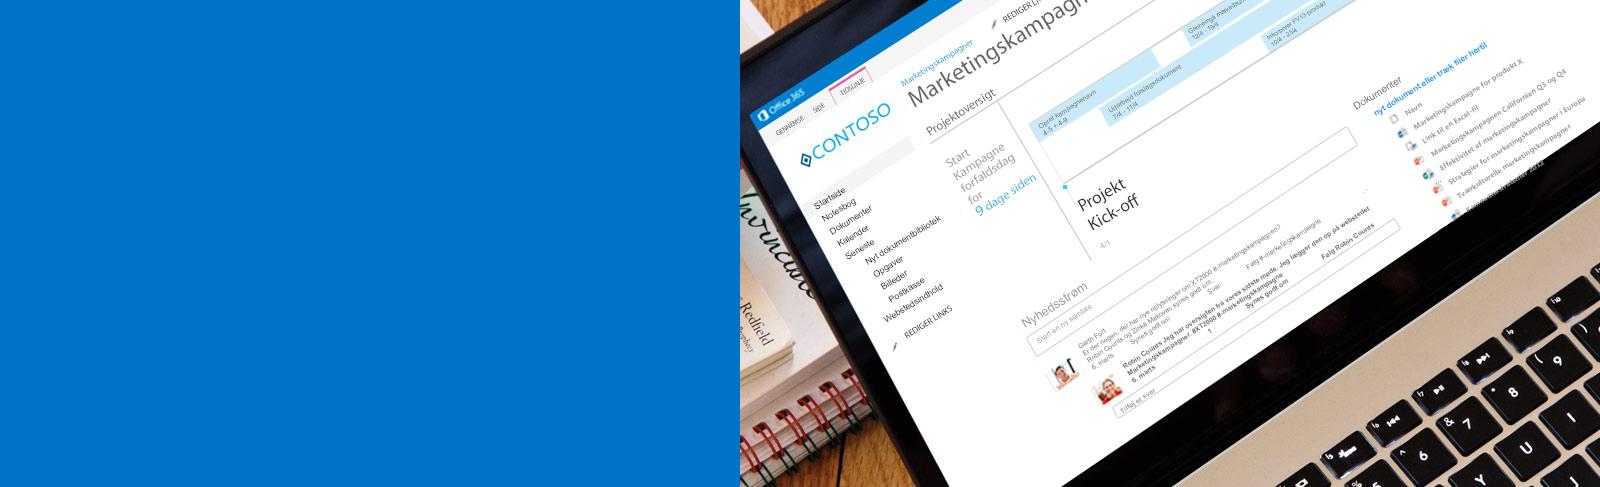 En bærbar pc med et dokument, der åbnes på SharePoint.